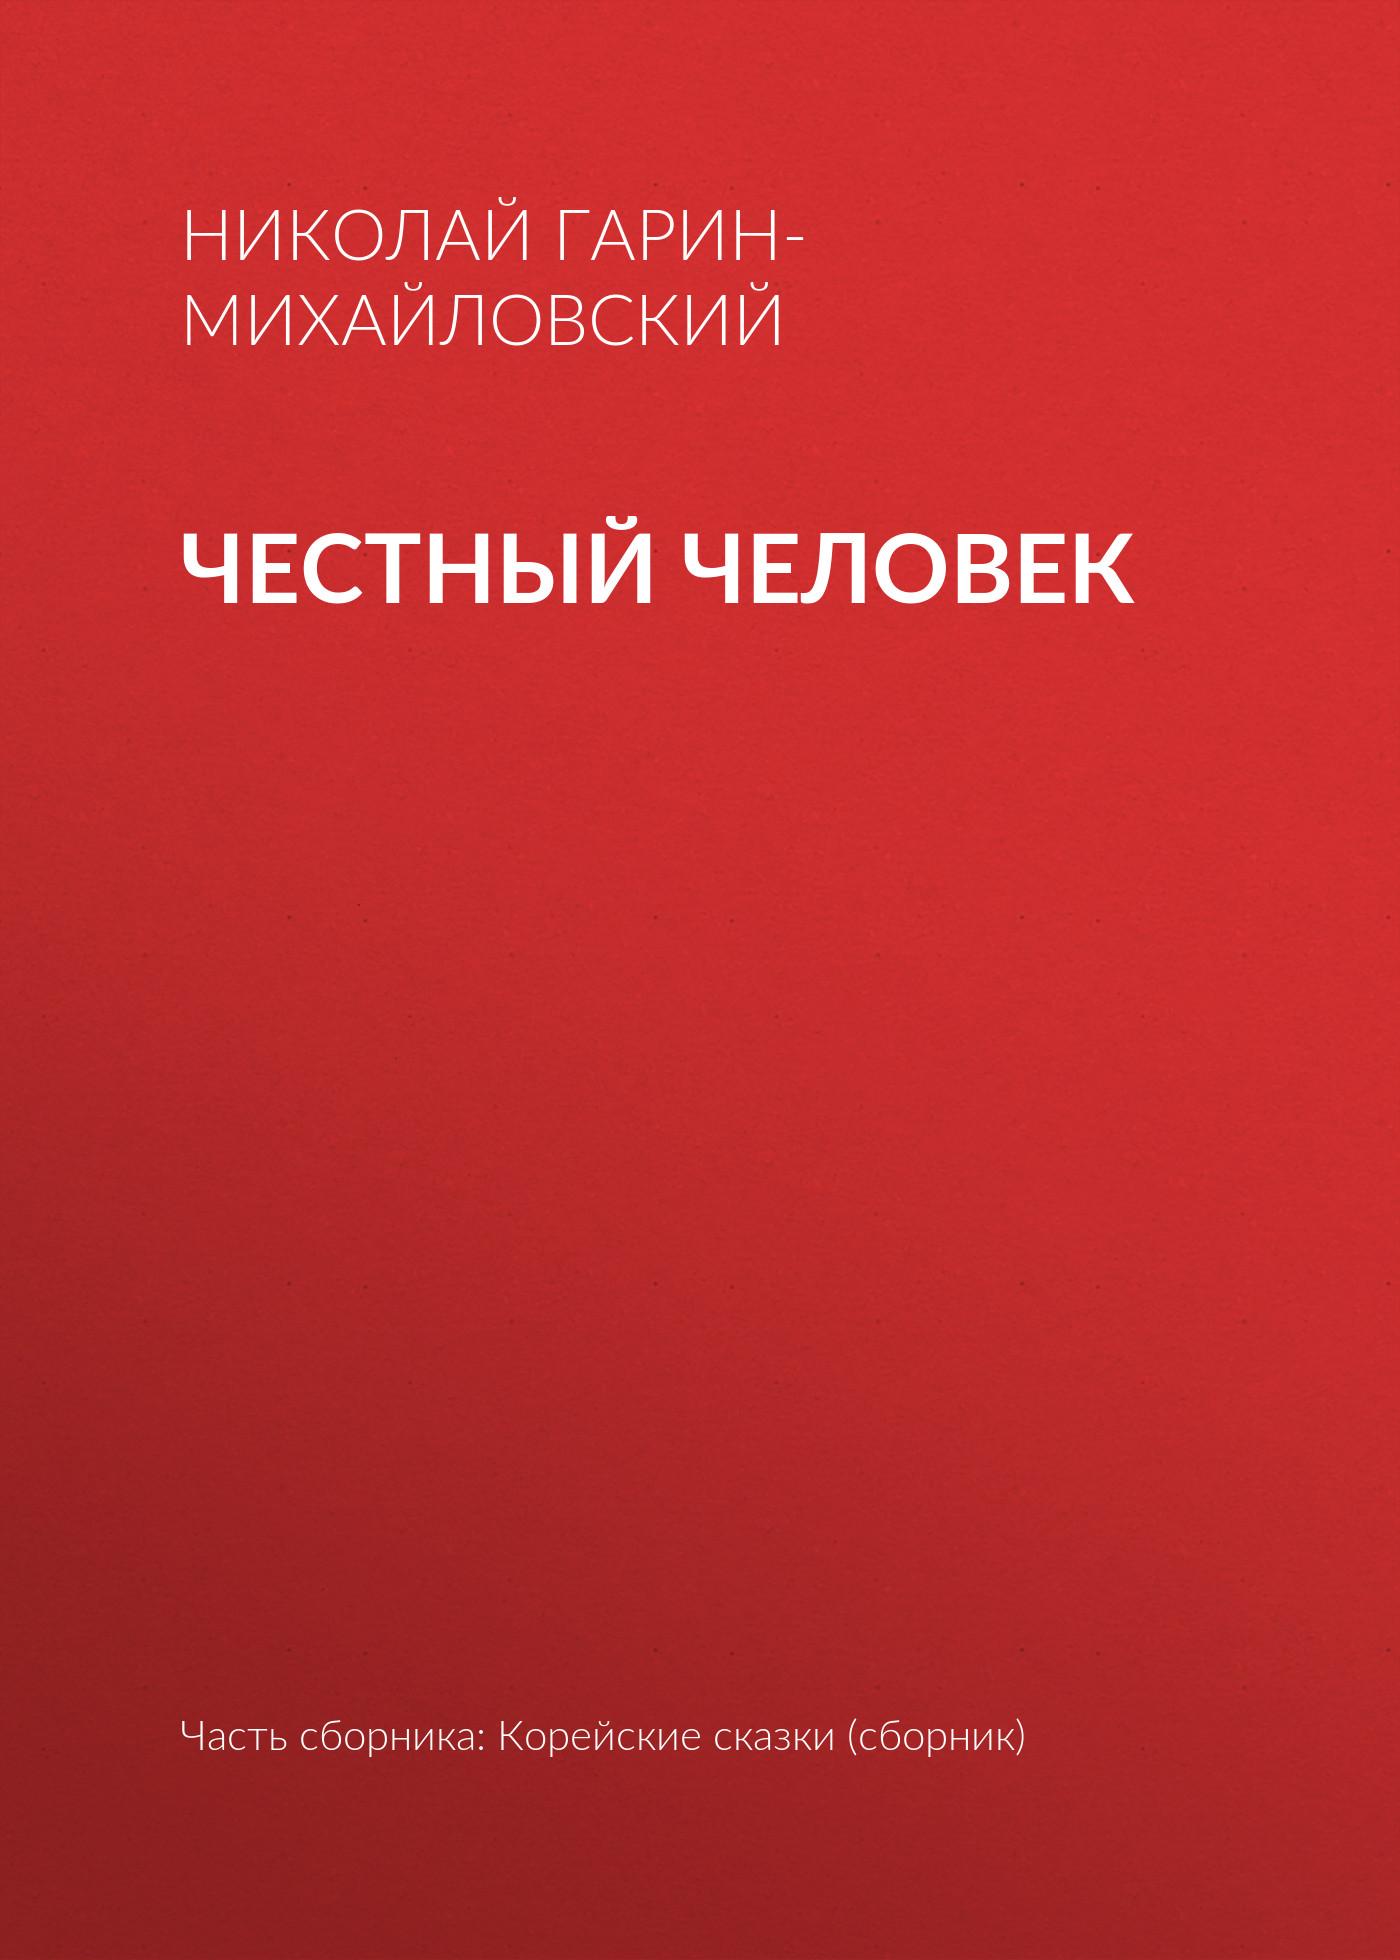 Николай Гарин-Михайловский Честный человек хуго вольф жил был король когда то